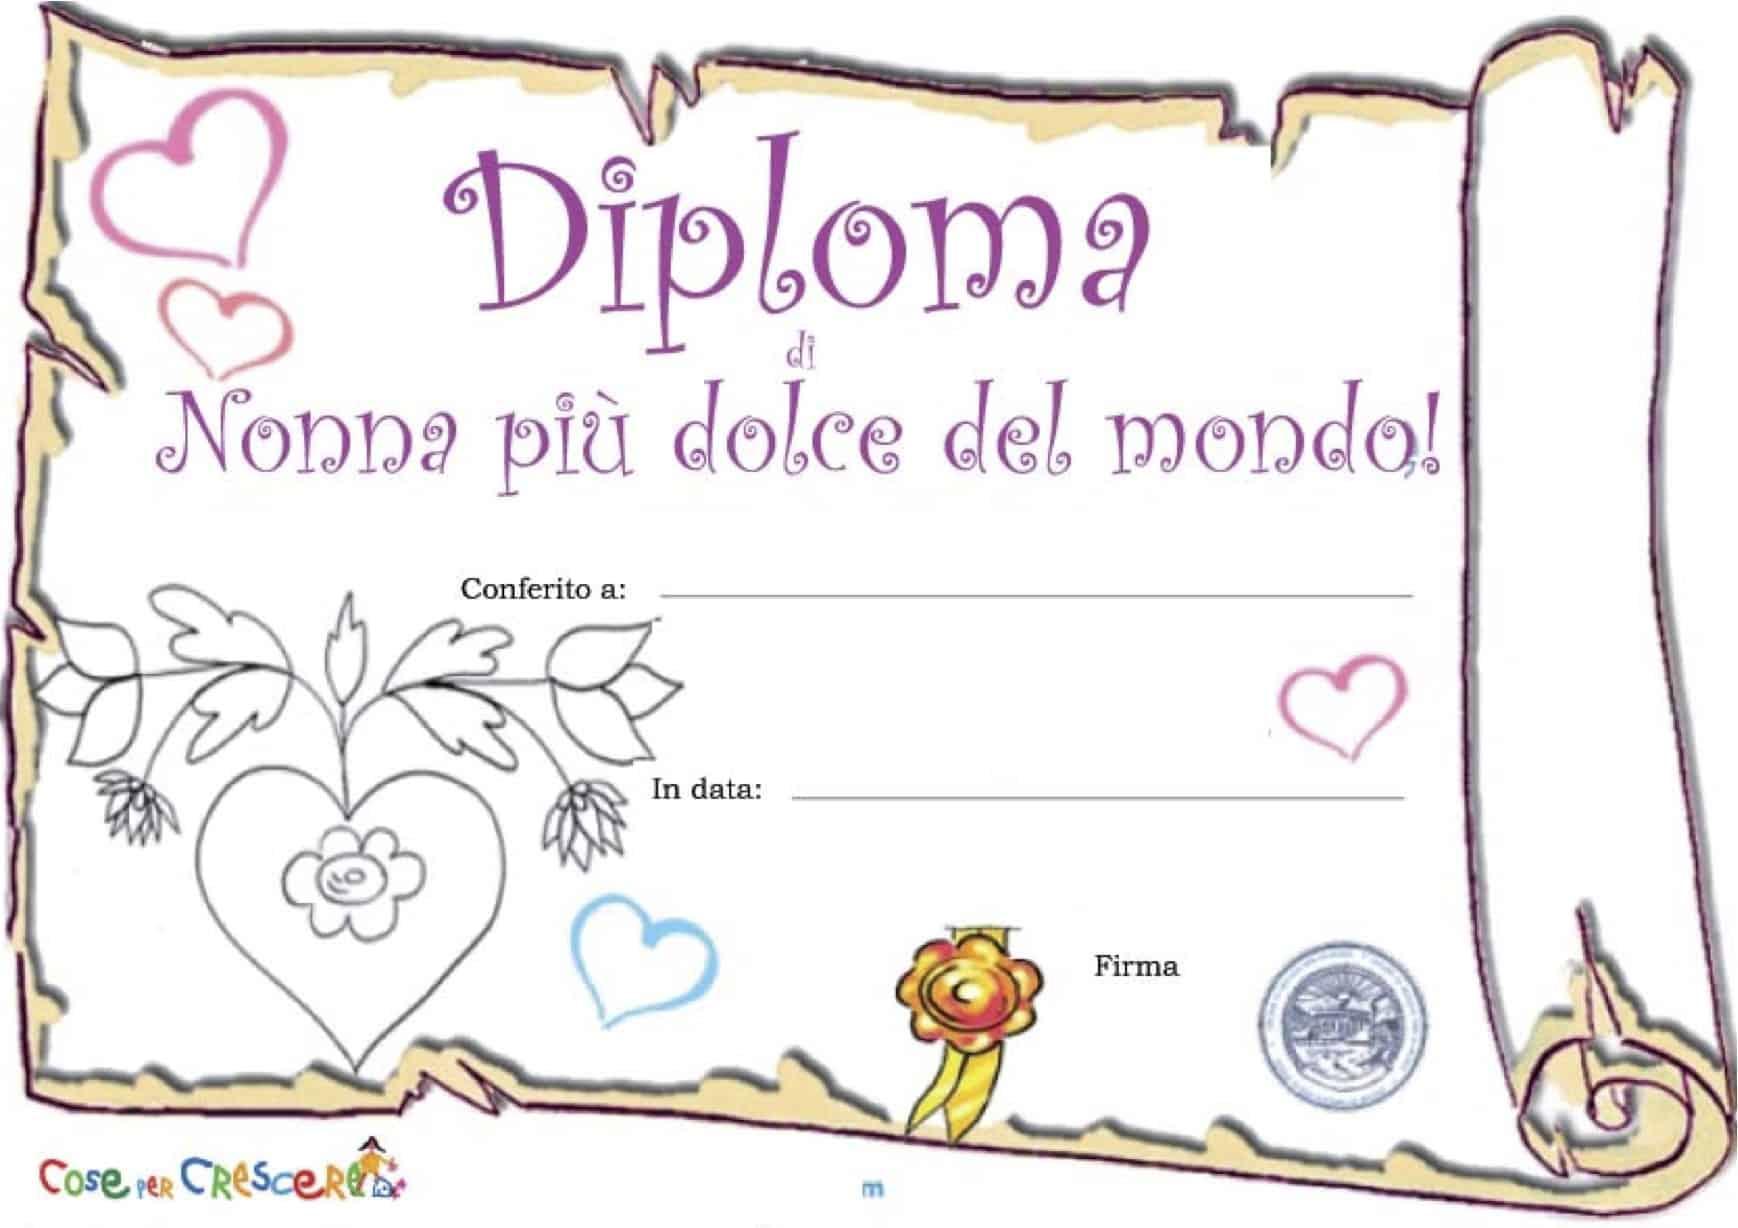 Diploma per la nonna